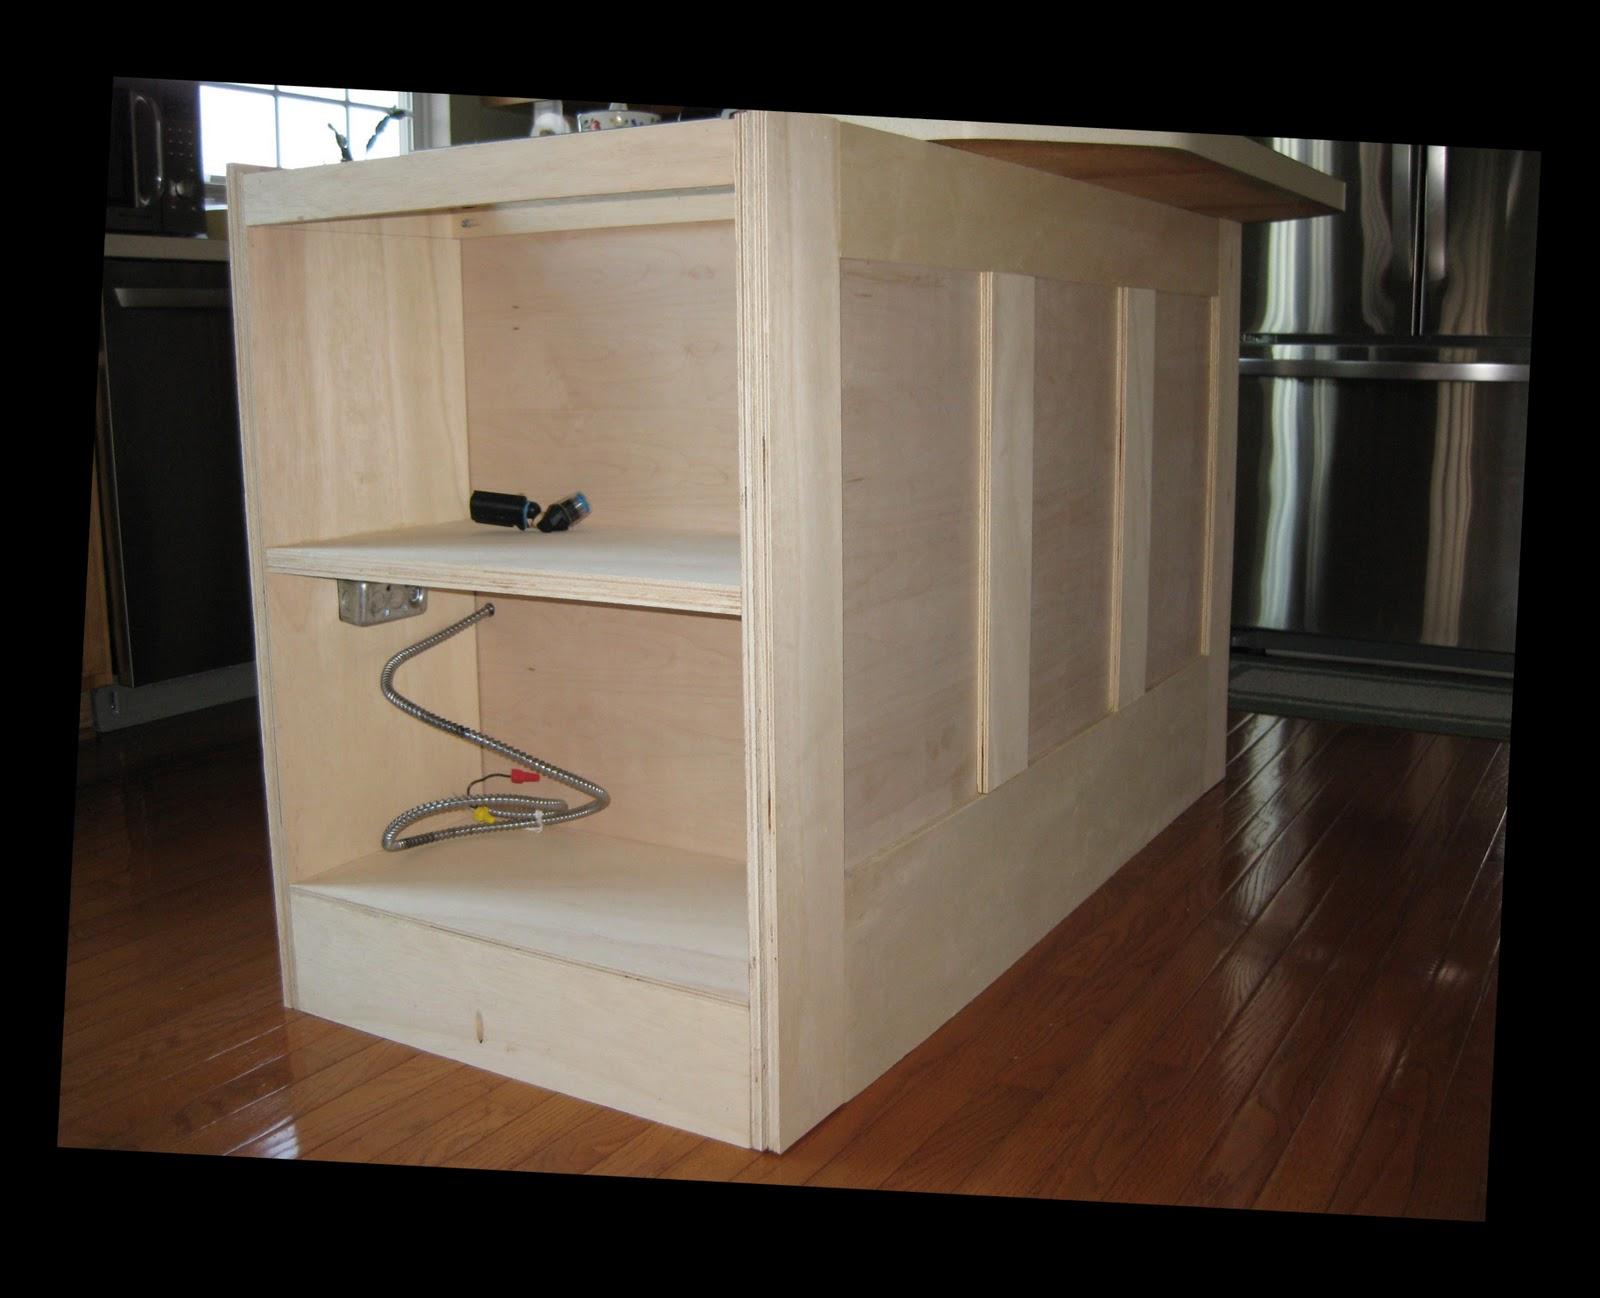 Diy bookcase kitchen island - Diy Bookcase Kitchen Island 22